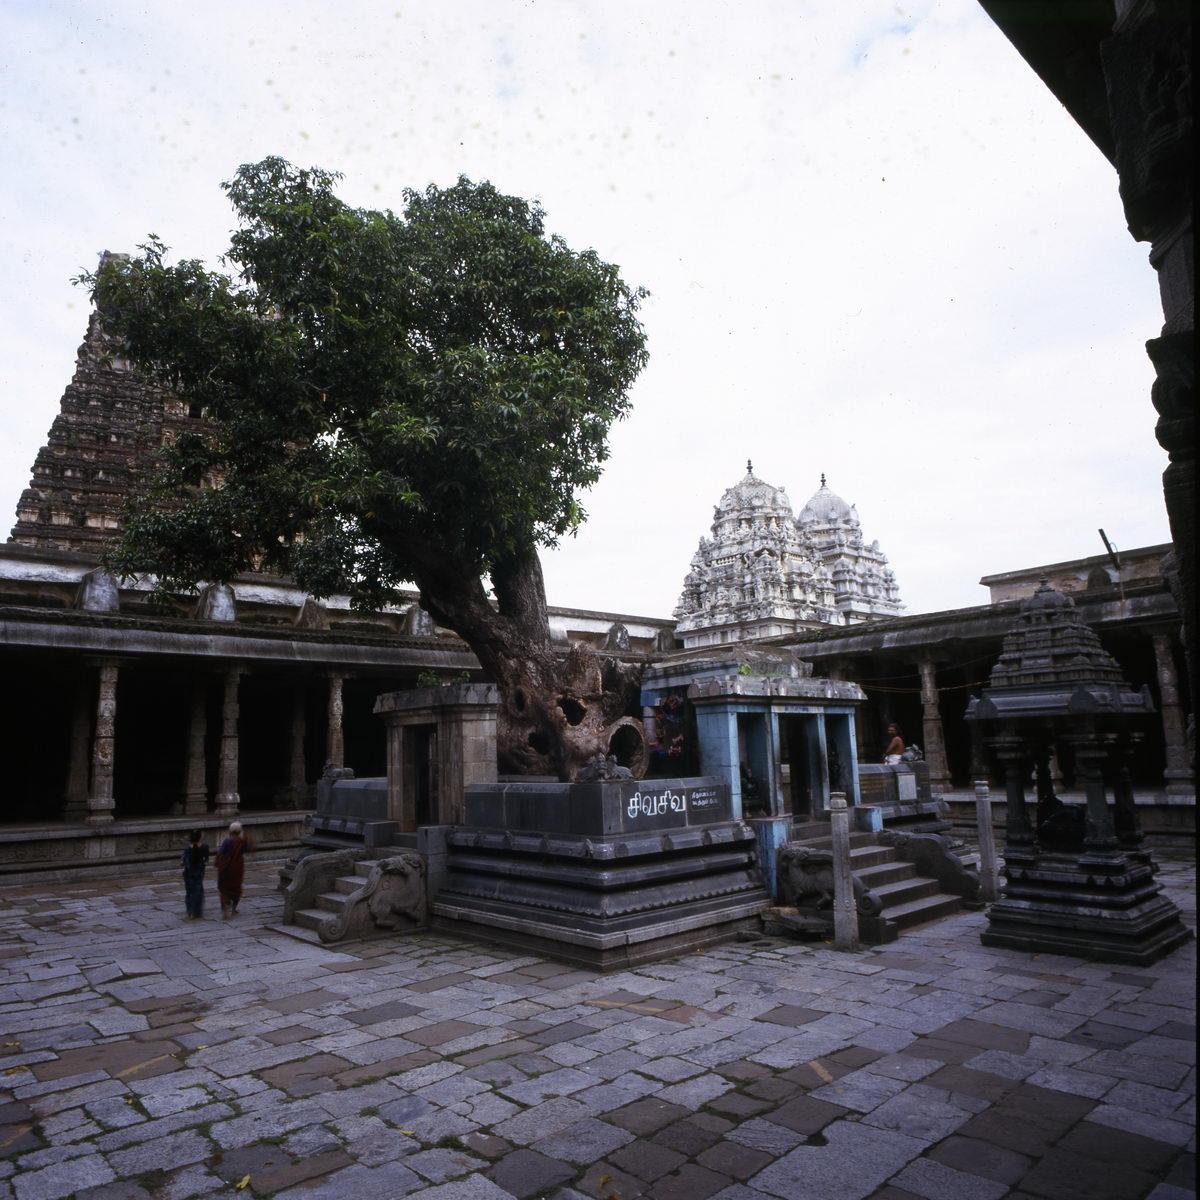 manguier_kanchapuram_inde_001